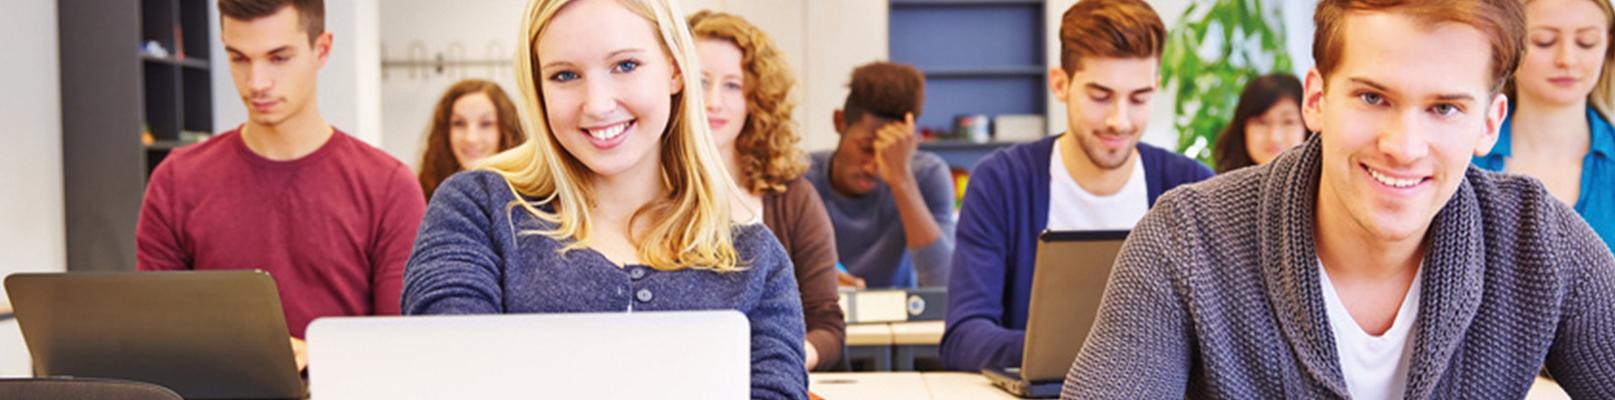 Berufsschulklasse motiviert während des Lernens